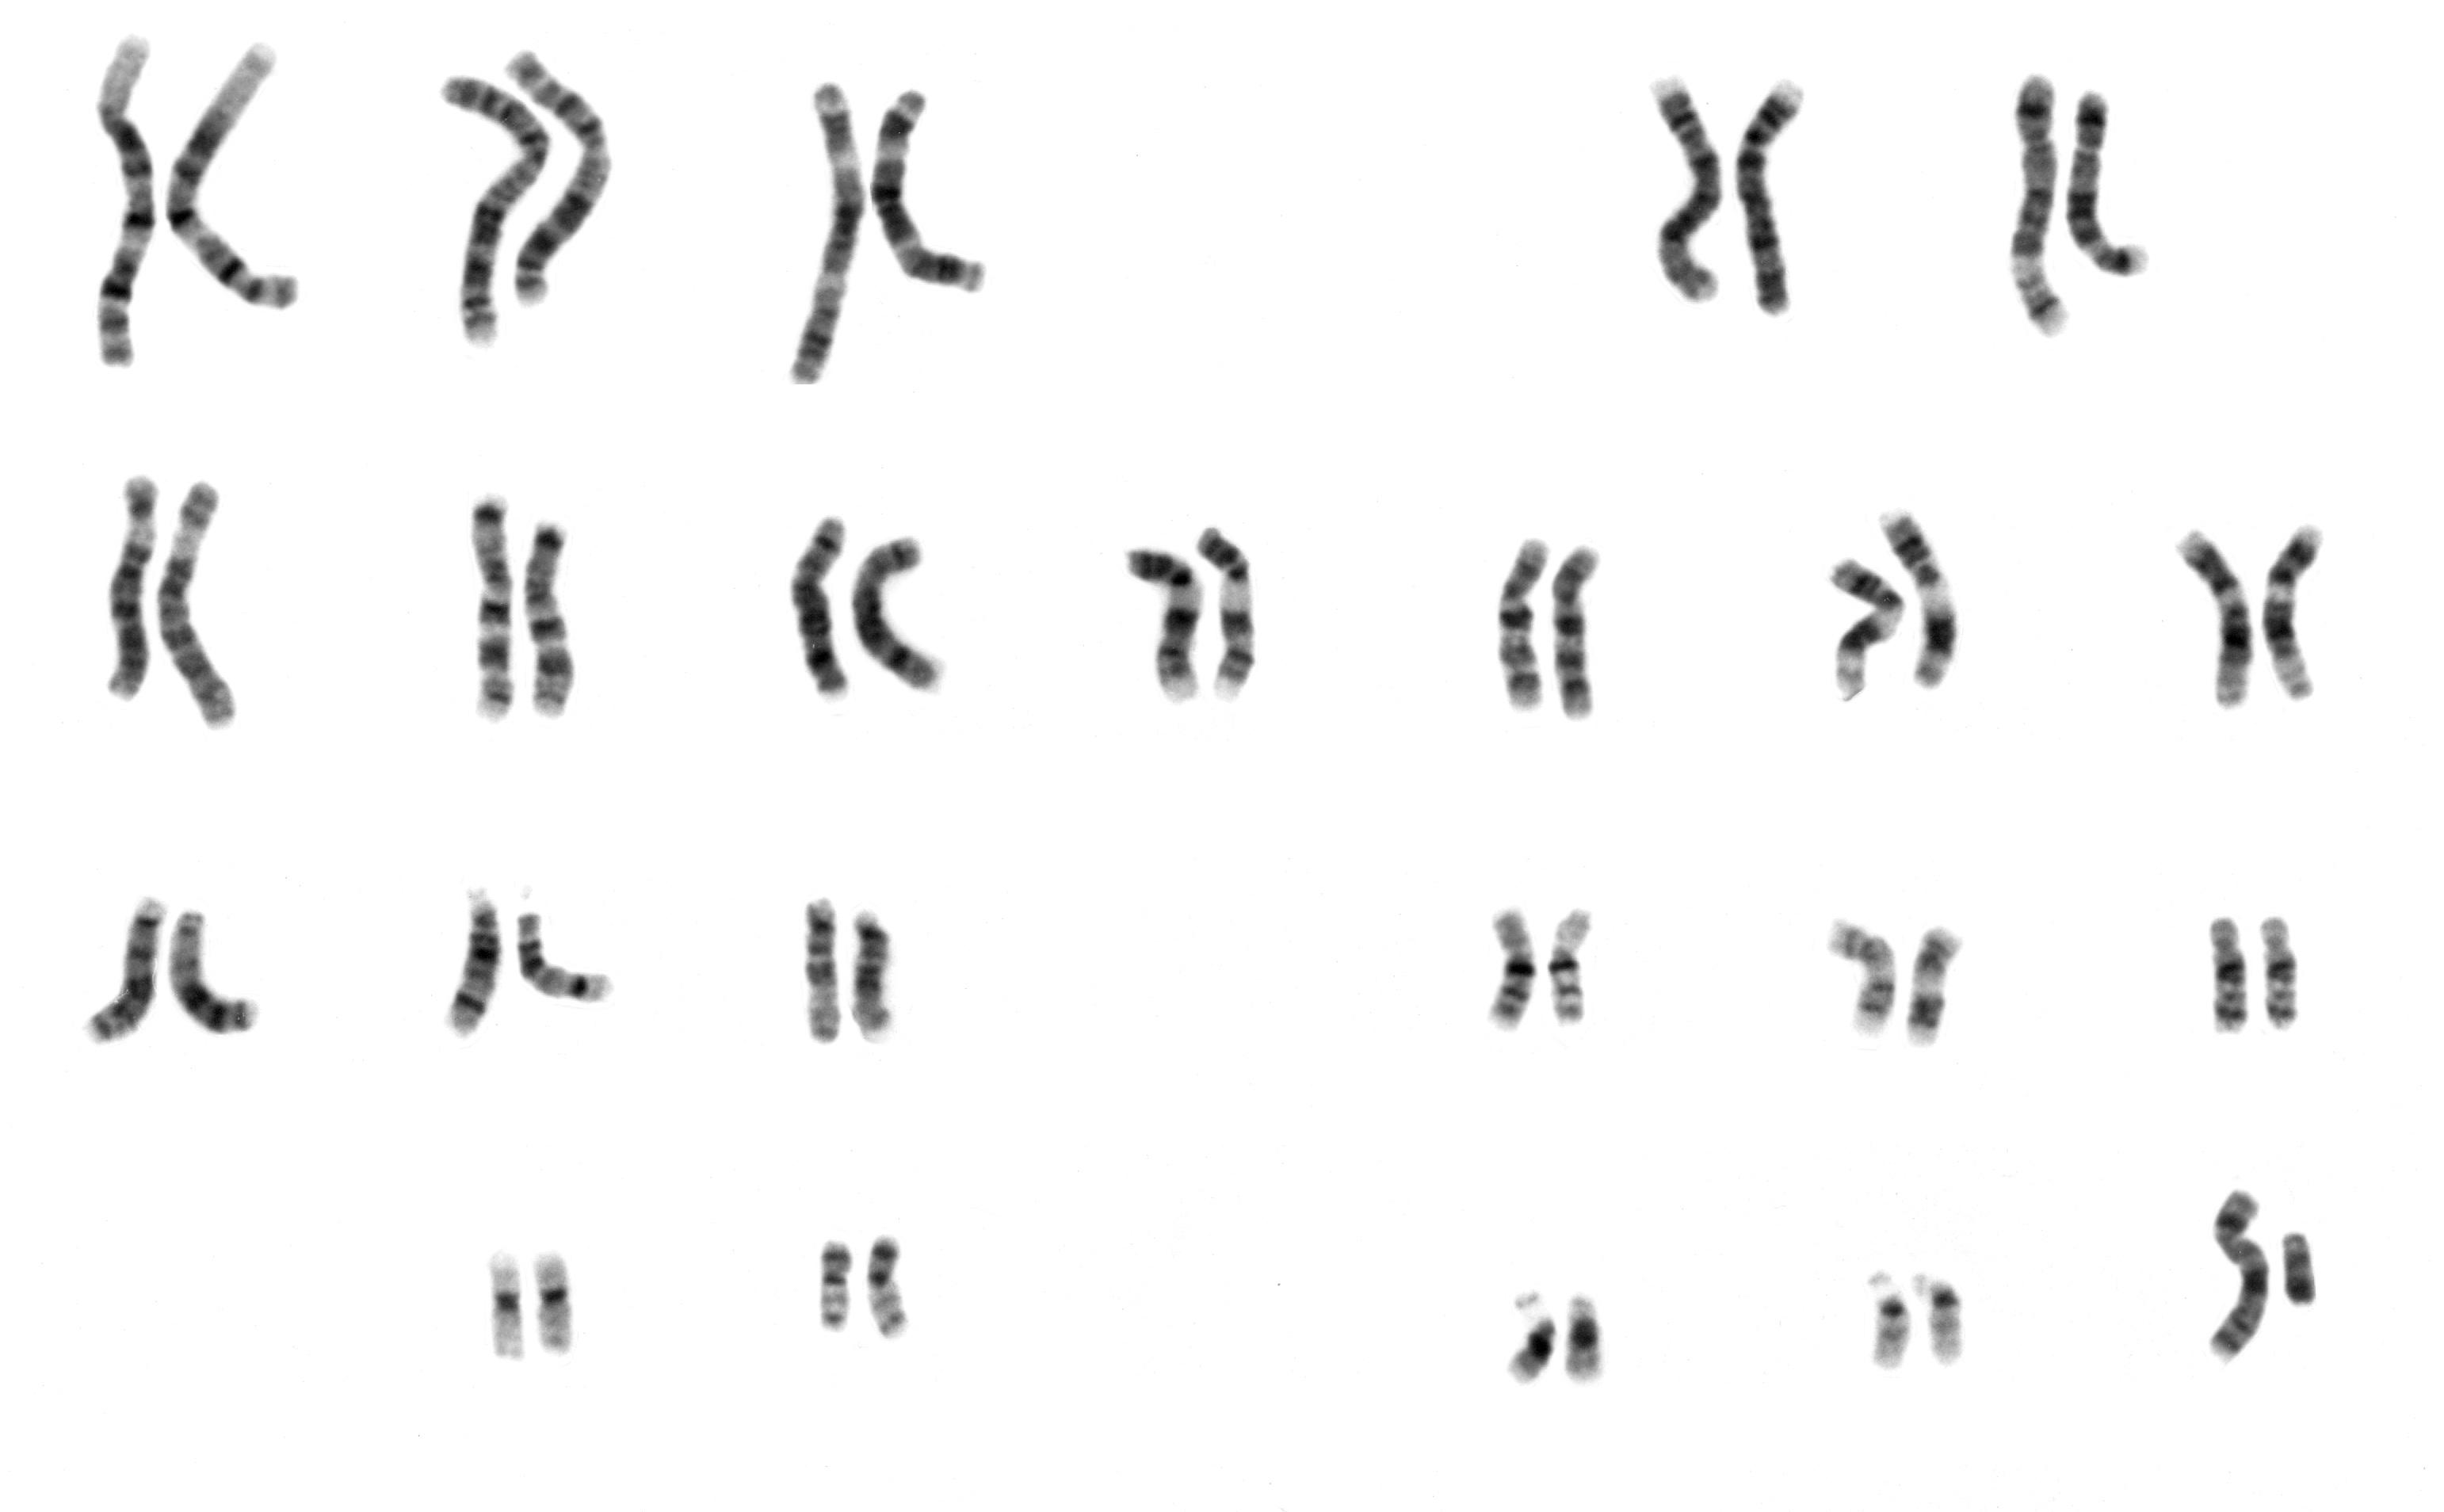 """Zestaw 23 par ludzkich chromosomów. Tutaj """"dawcą"""" był mężczyzna - ostatnia para chromosomów na dole po prawej to chromosomy płci. Po ich wyraźnej asymetrii poznać można właśnie płeć osoby, od której pochodziła próbka: męski chromosom Y jest bowiem znacząco mniejszy od chromosomu X (i jak widać, rozmiar czasem ma duże znaczenie).  /źródło: National Human Genome Research Institute (domena publiczna)"""